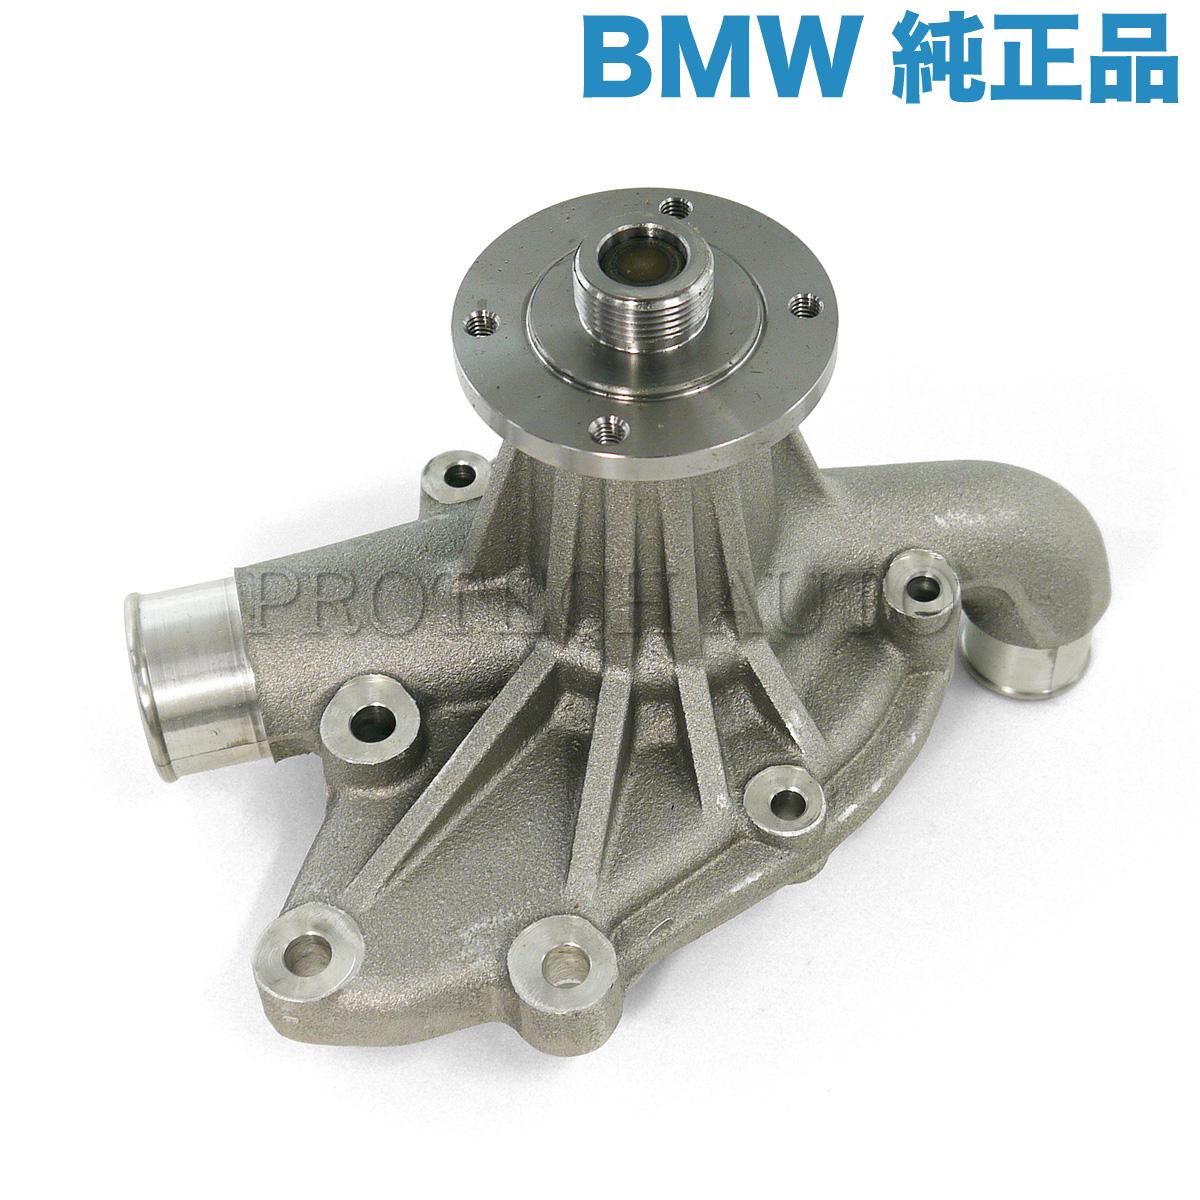 純正 BMW 3シリーズ E30 ウォーターポンプ S14 エンジン用 11511315211 11511309529 11511312574 M3【あす楽対応】